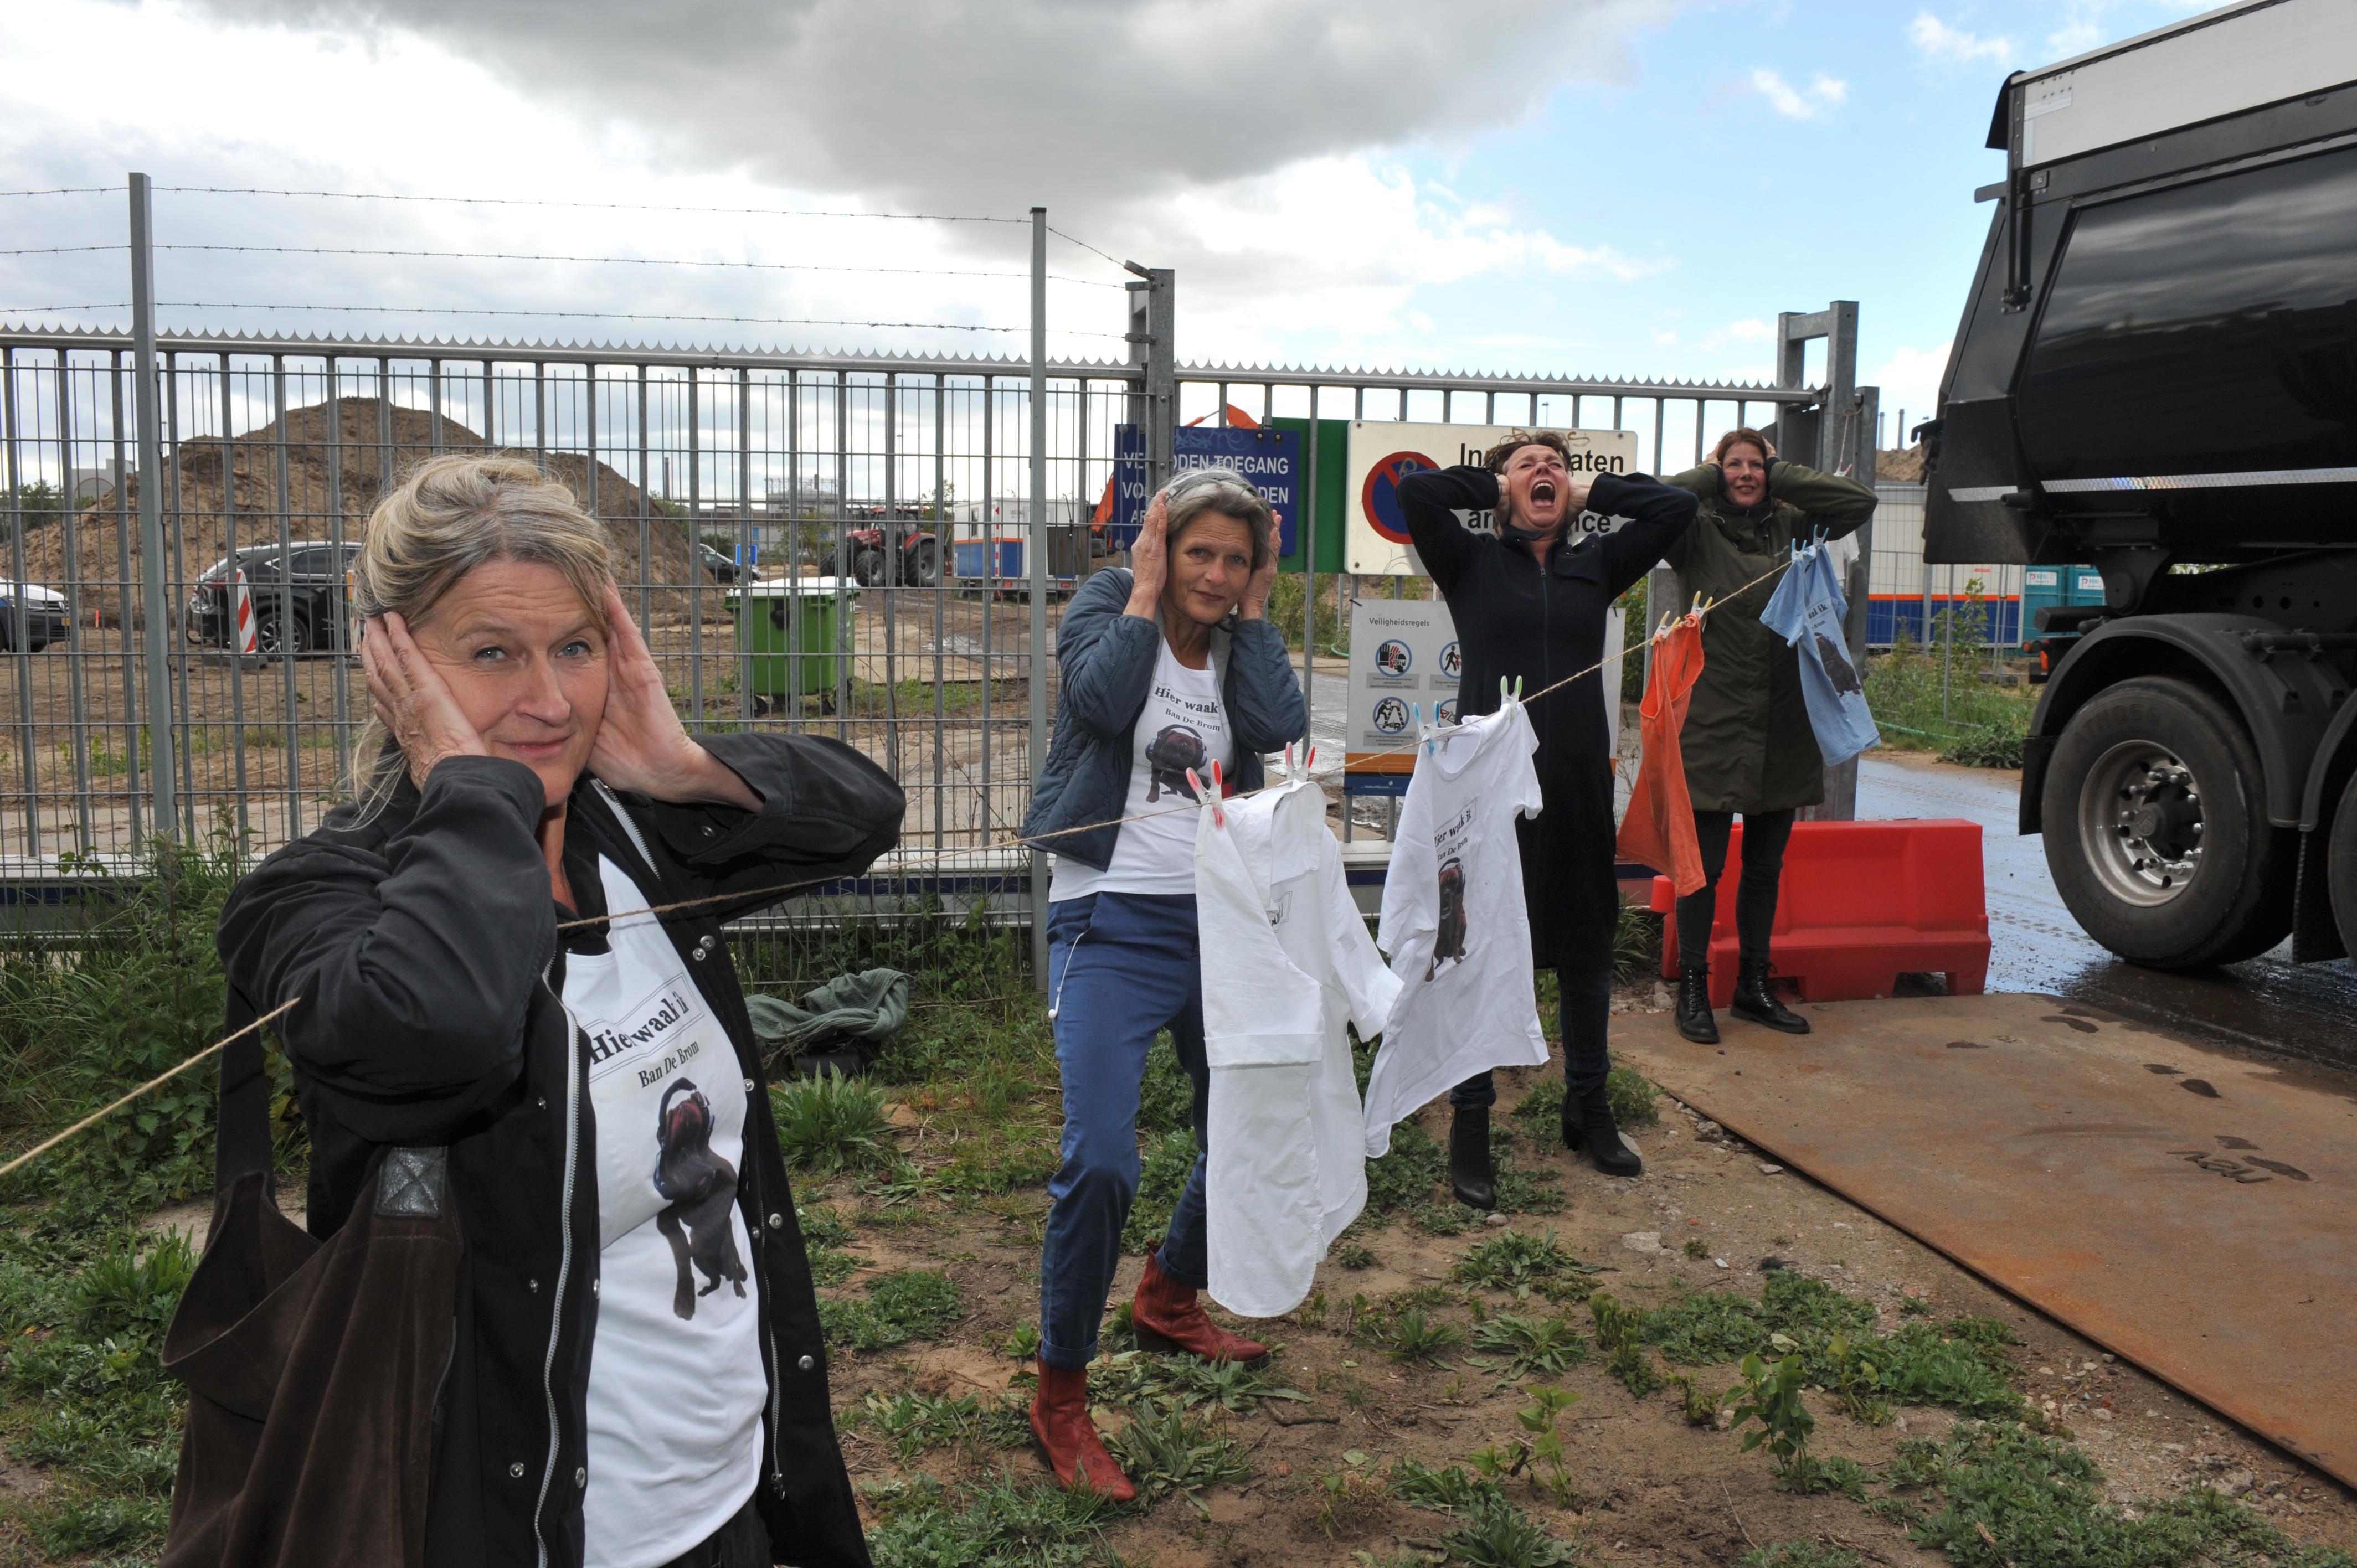 Dorpsraad Wijk aan Zee staakt procedure tegen transformatorstation van Tennet. Zitting bij Raad van State afgeblazen